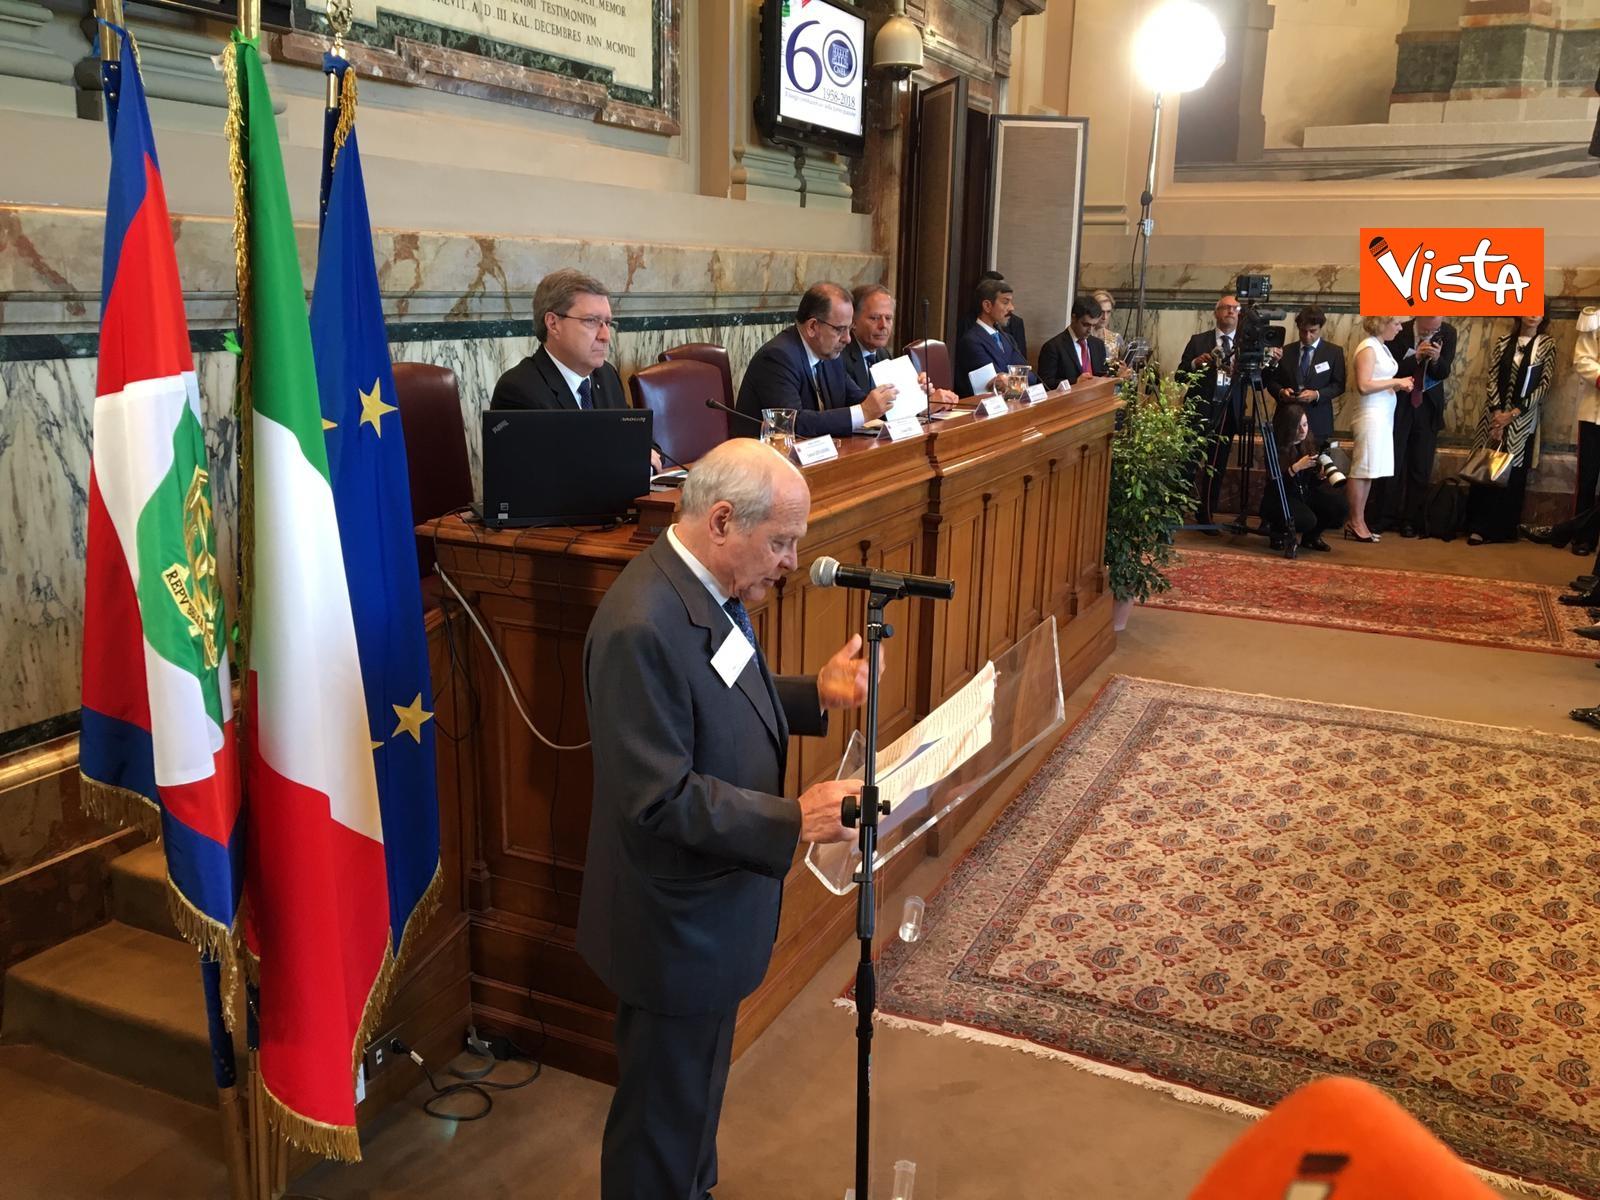 13-06-19 Mattarella a riunione Cnel europei a Roma_07